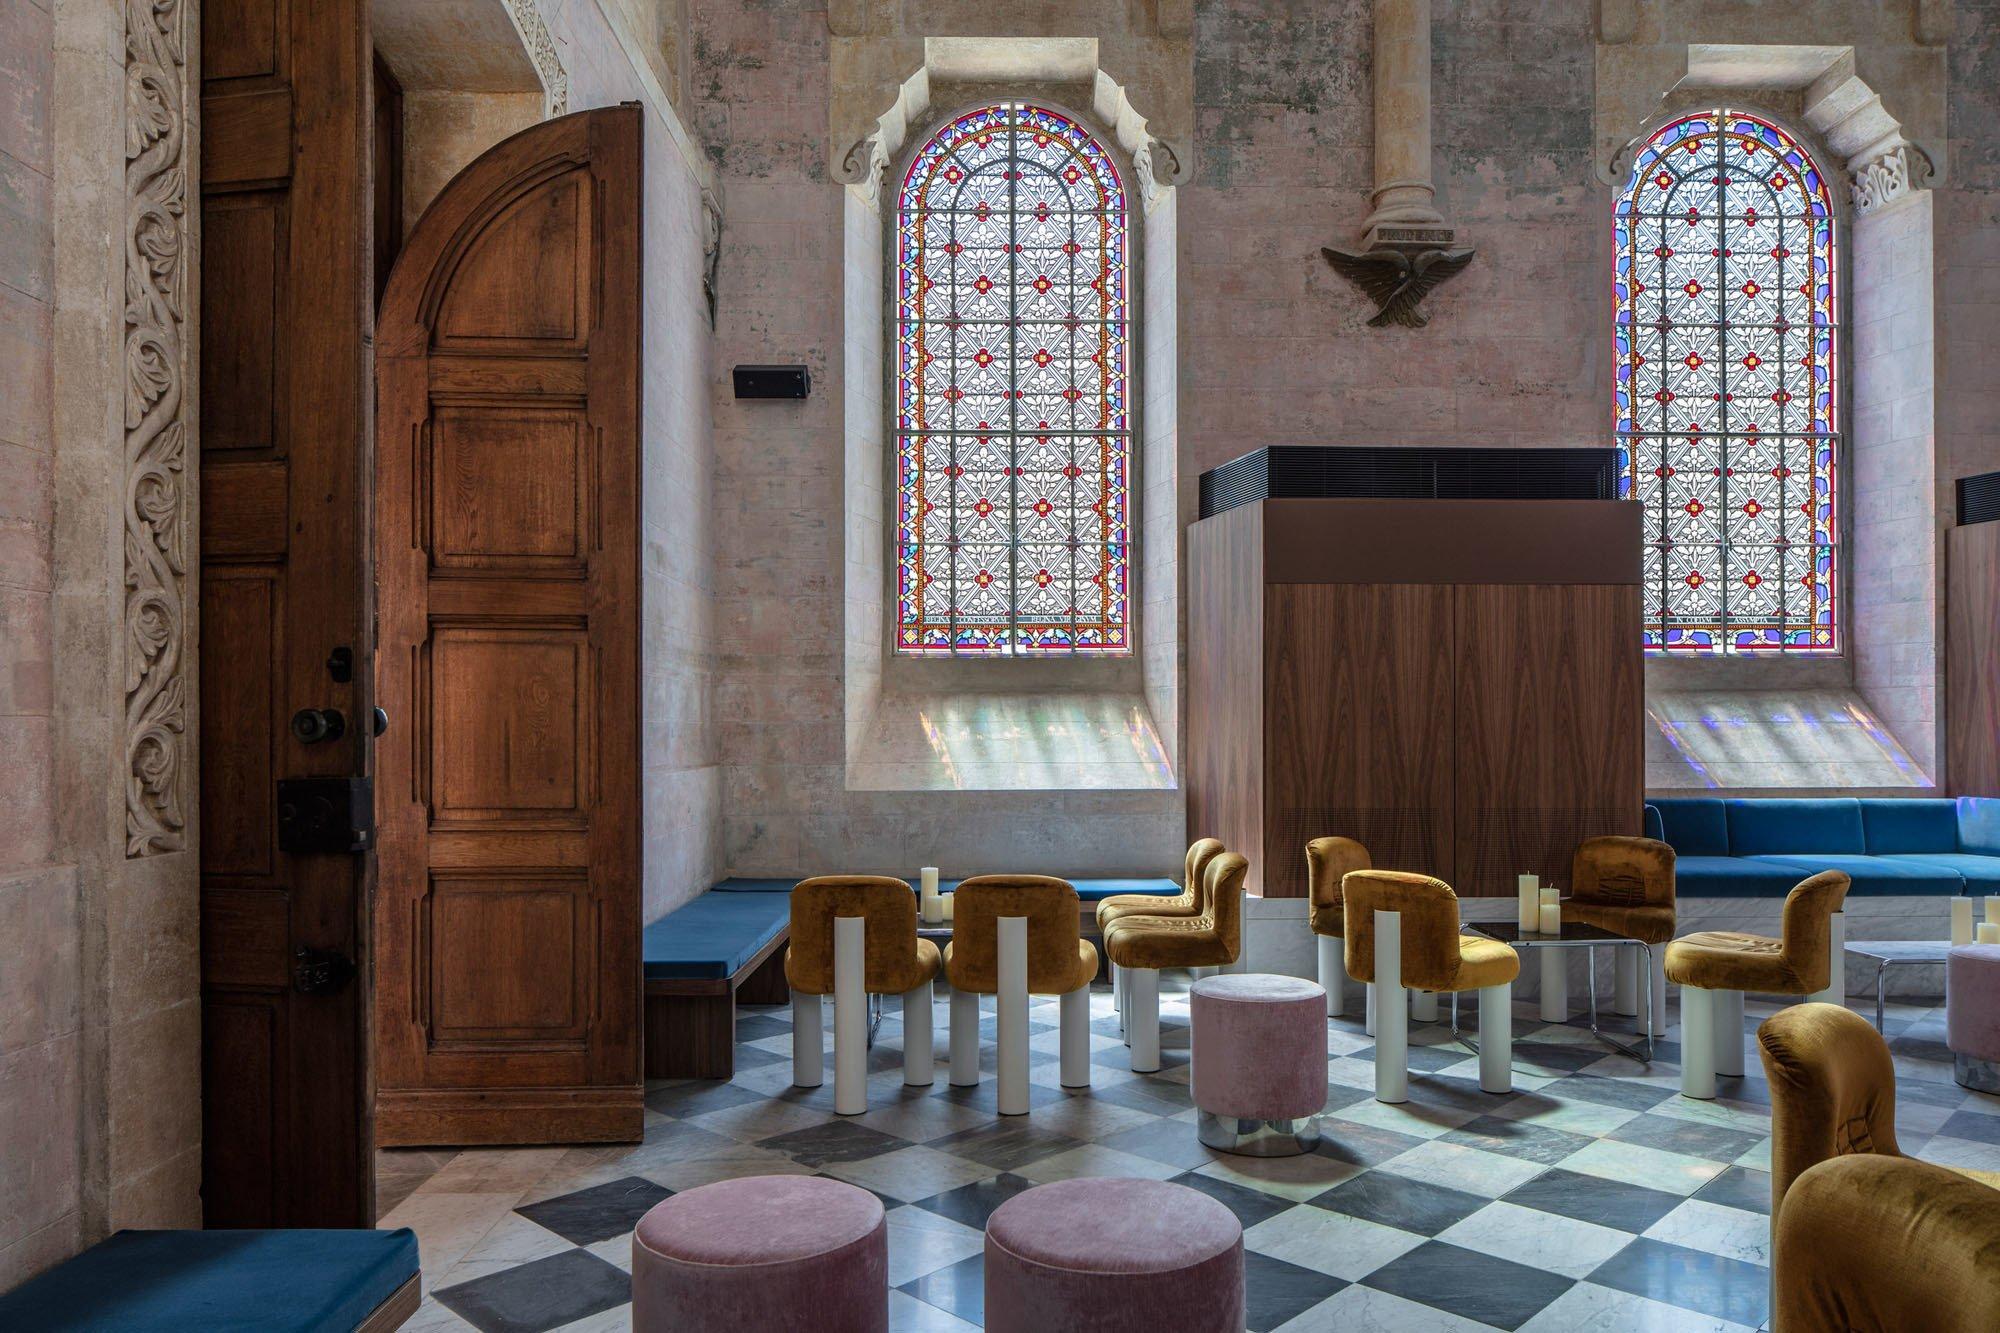 THE JAFFA: Die Kapelle wurde in eine Bar umgewandelt. Foto: Amit Geron